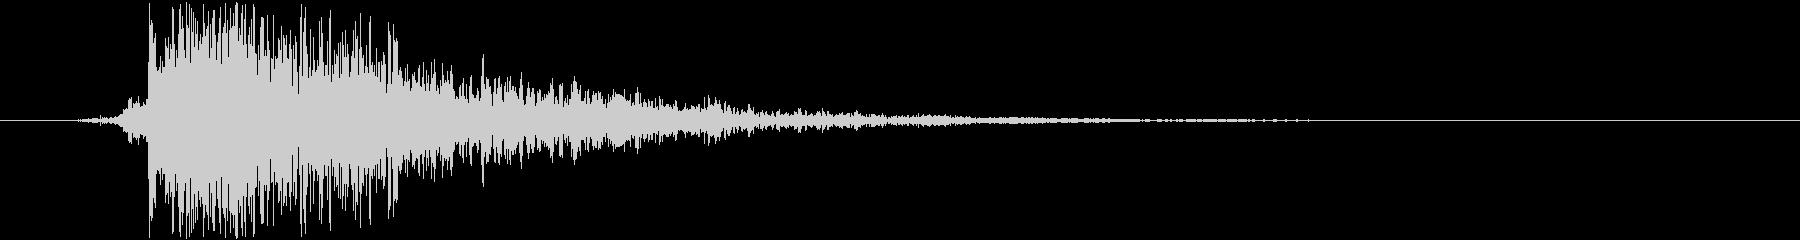 メカニカル レバーメタルラージダウン02の未再生の波形